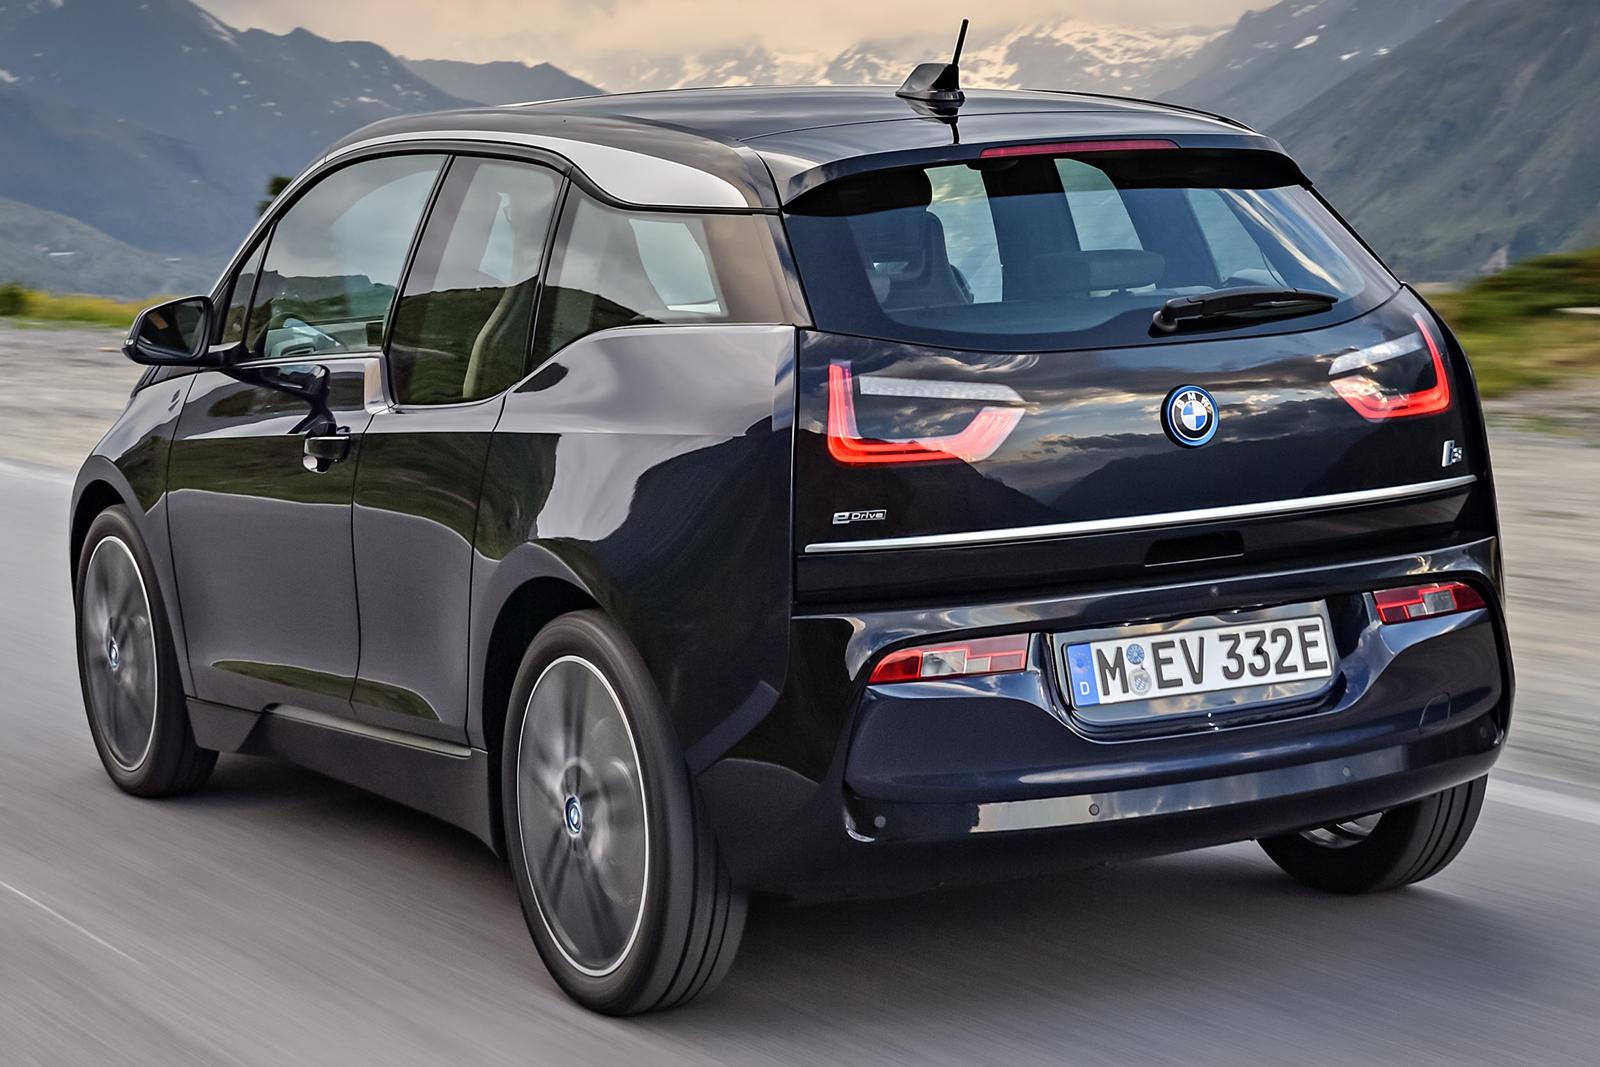 «I3 REx (как он обозначен) не имеет будущего» - сказал менеджер по электронной мобильности BMW Ян Фрейманн. И причина, проще говоря, заключается в быстром улучшении технологии батарей.